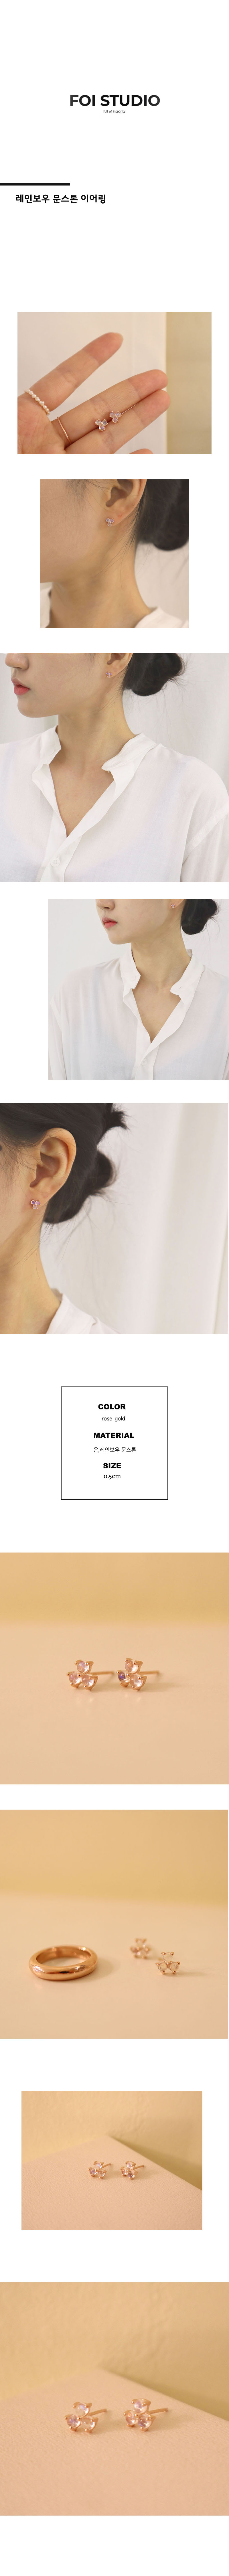 (925실버 원석귀걸이) 레인보우 문스톤 이어링 - 포이스튜디오, 39,900원, 진주/원석, 볼귀걸이